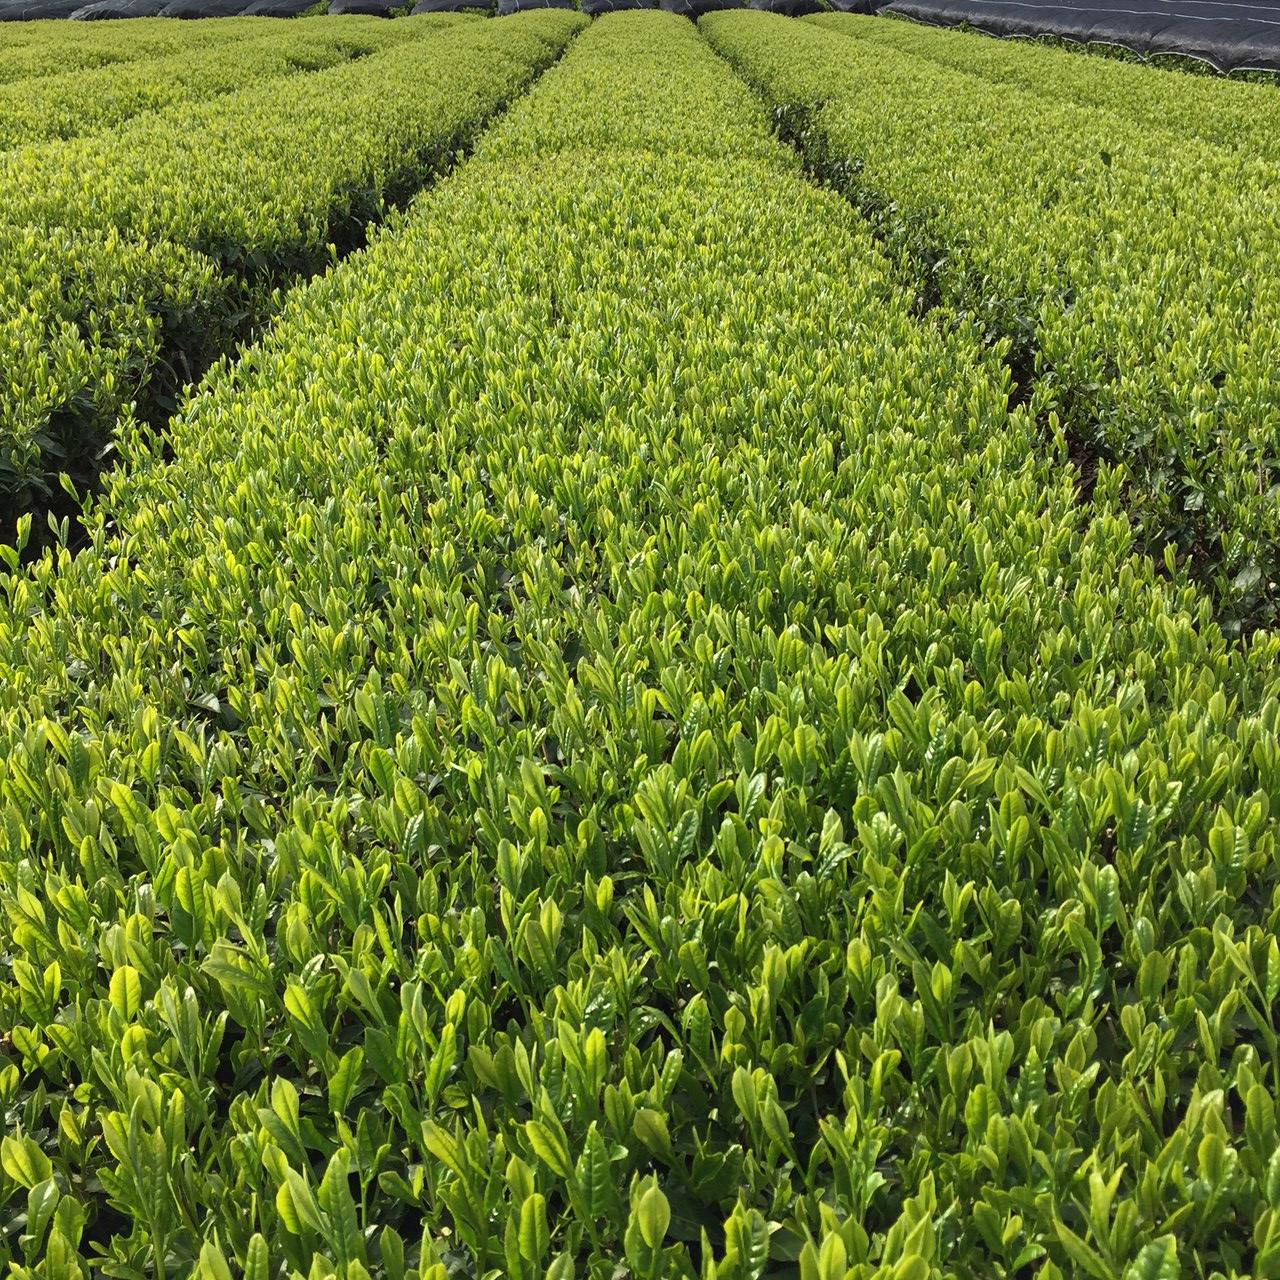 2017年4月25日かごしま緑茶の茶園風景です。品種はヤブキタです。小さな新芽成長中。